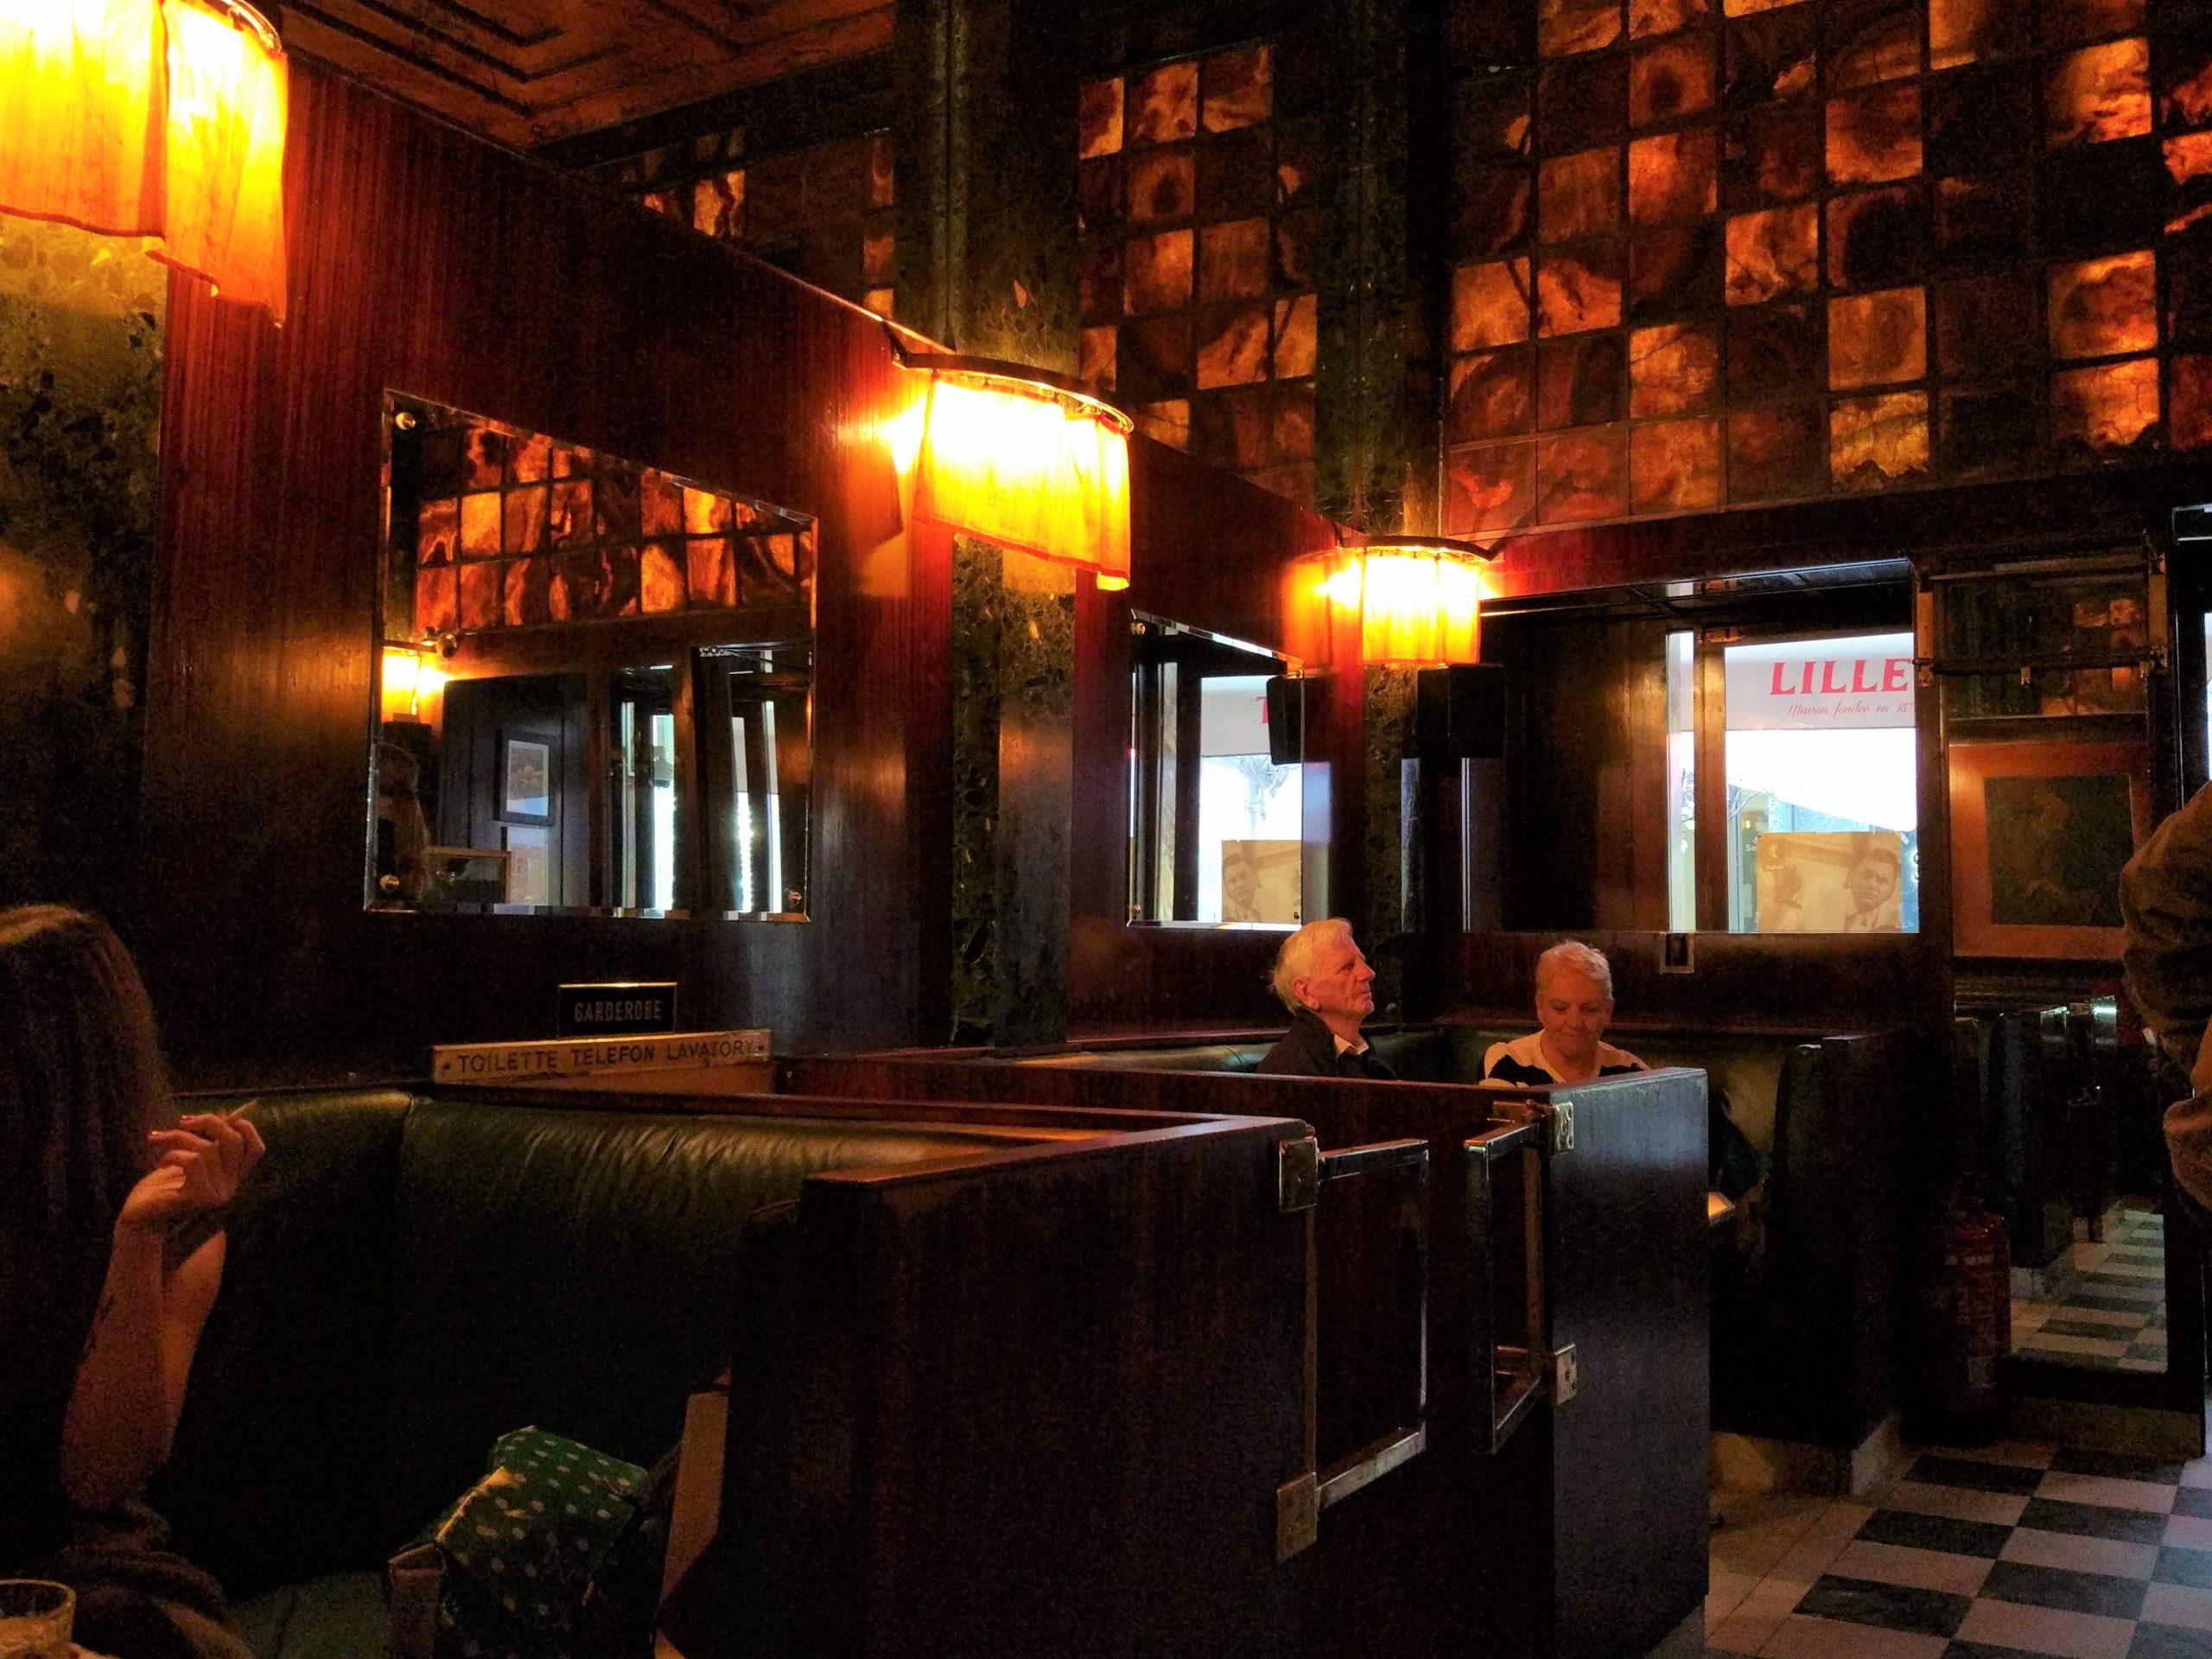 Interno con luci soffuse del Loos American Bar del 1907 a Vienna